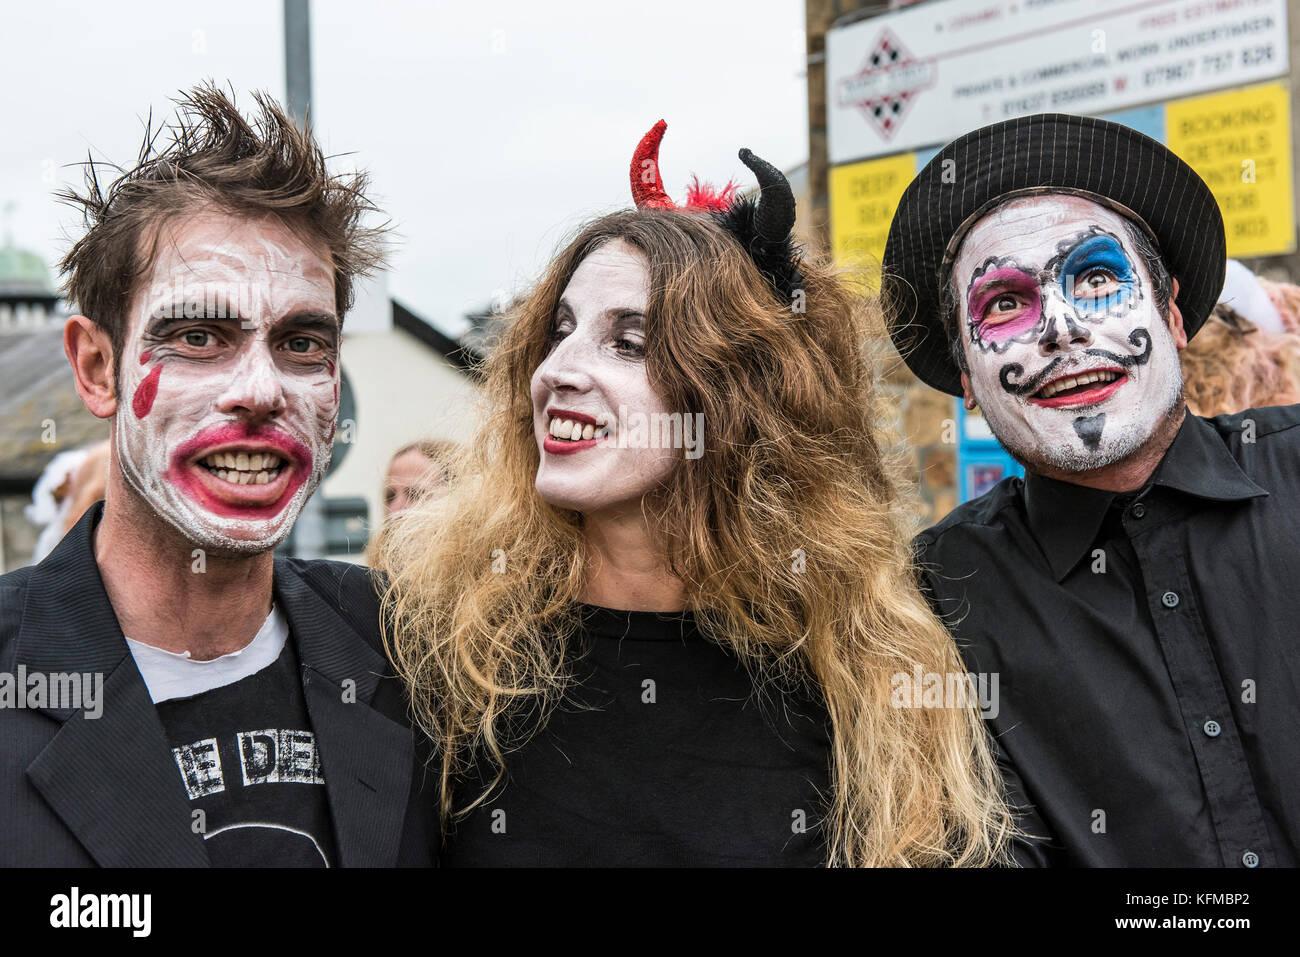 Zombies - drei Zombies Freunde in der jährlichen Zombie kriechen in Newquay, Cornwall. Stockbild